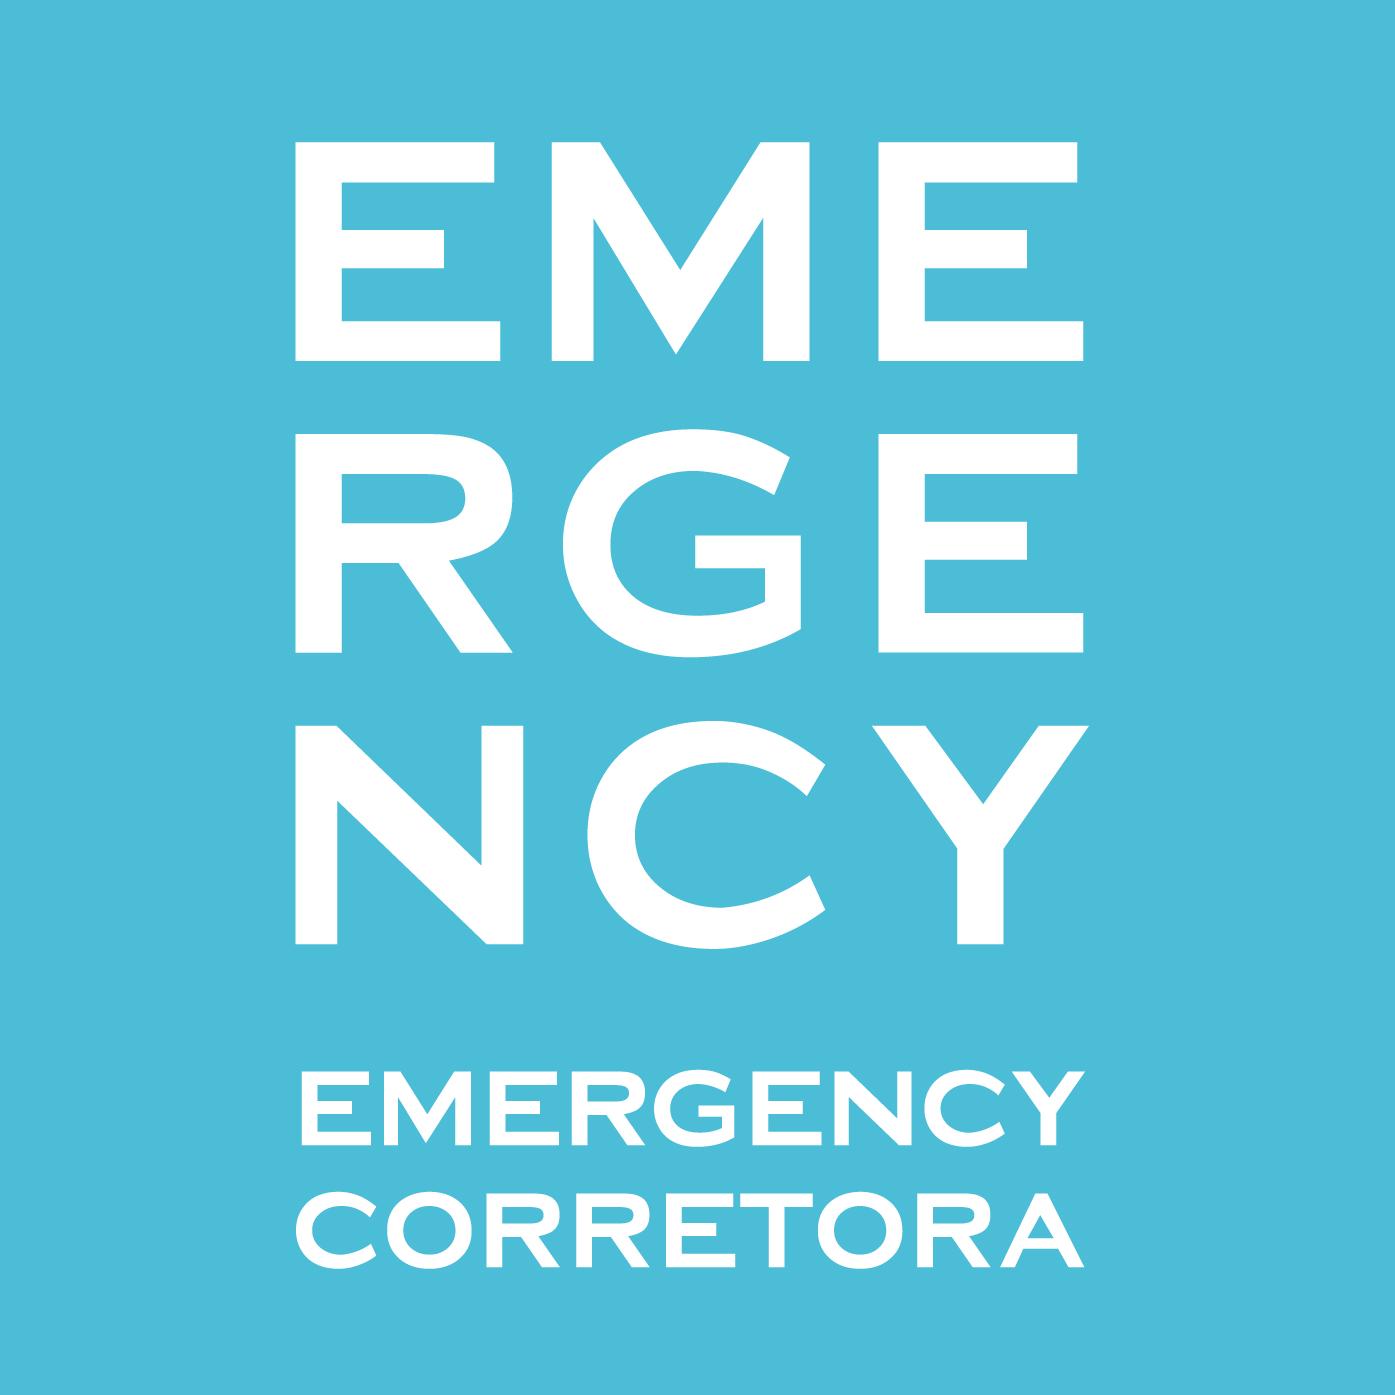 EMERGENCY marca_fundo azul (002)